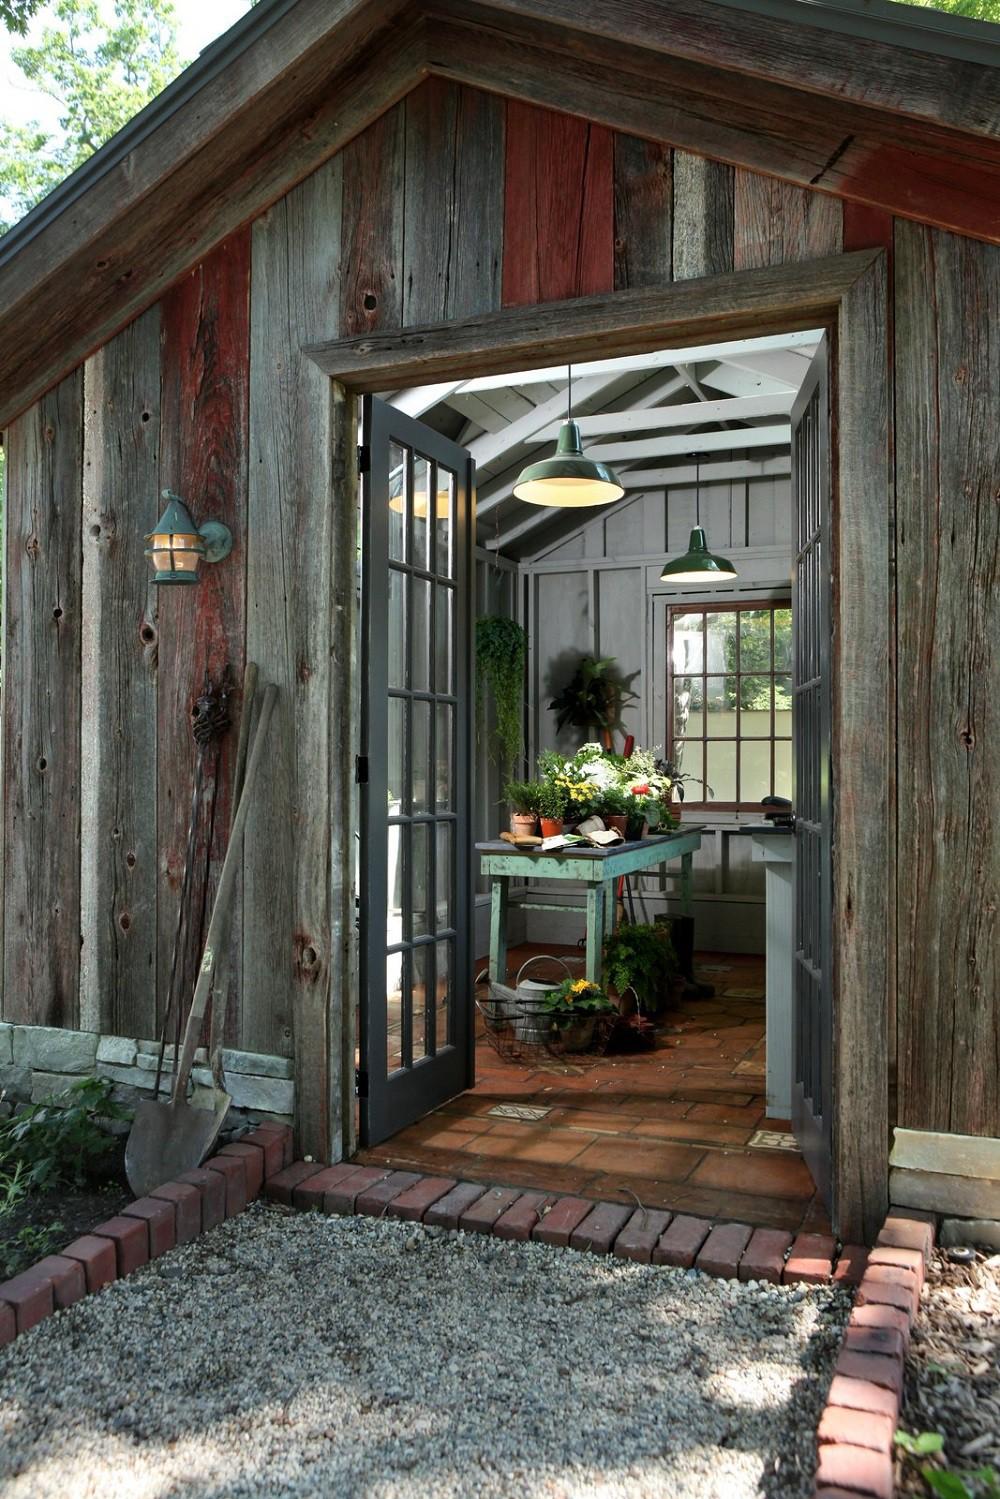 Những ngôi nhà nhỏ được cải tạo từ nhà kho đẹp bất ngờ - Hình 5